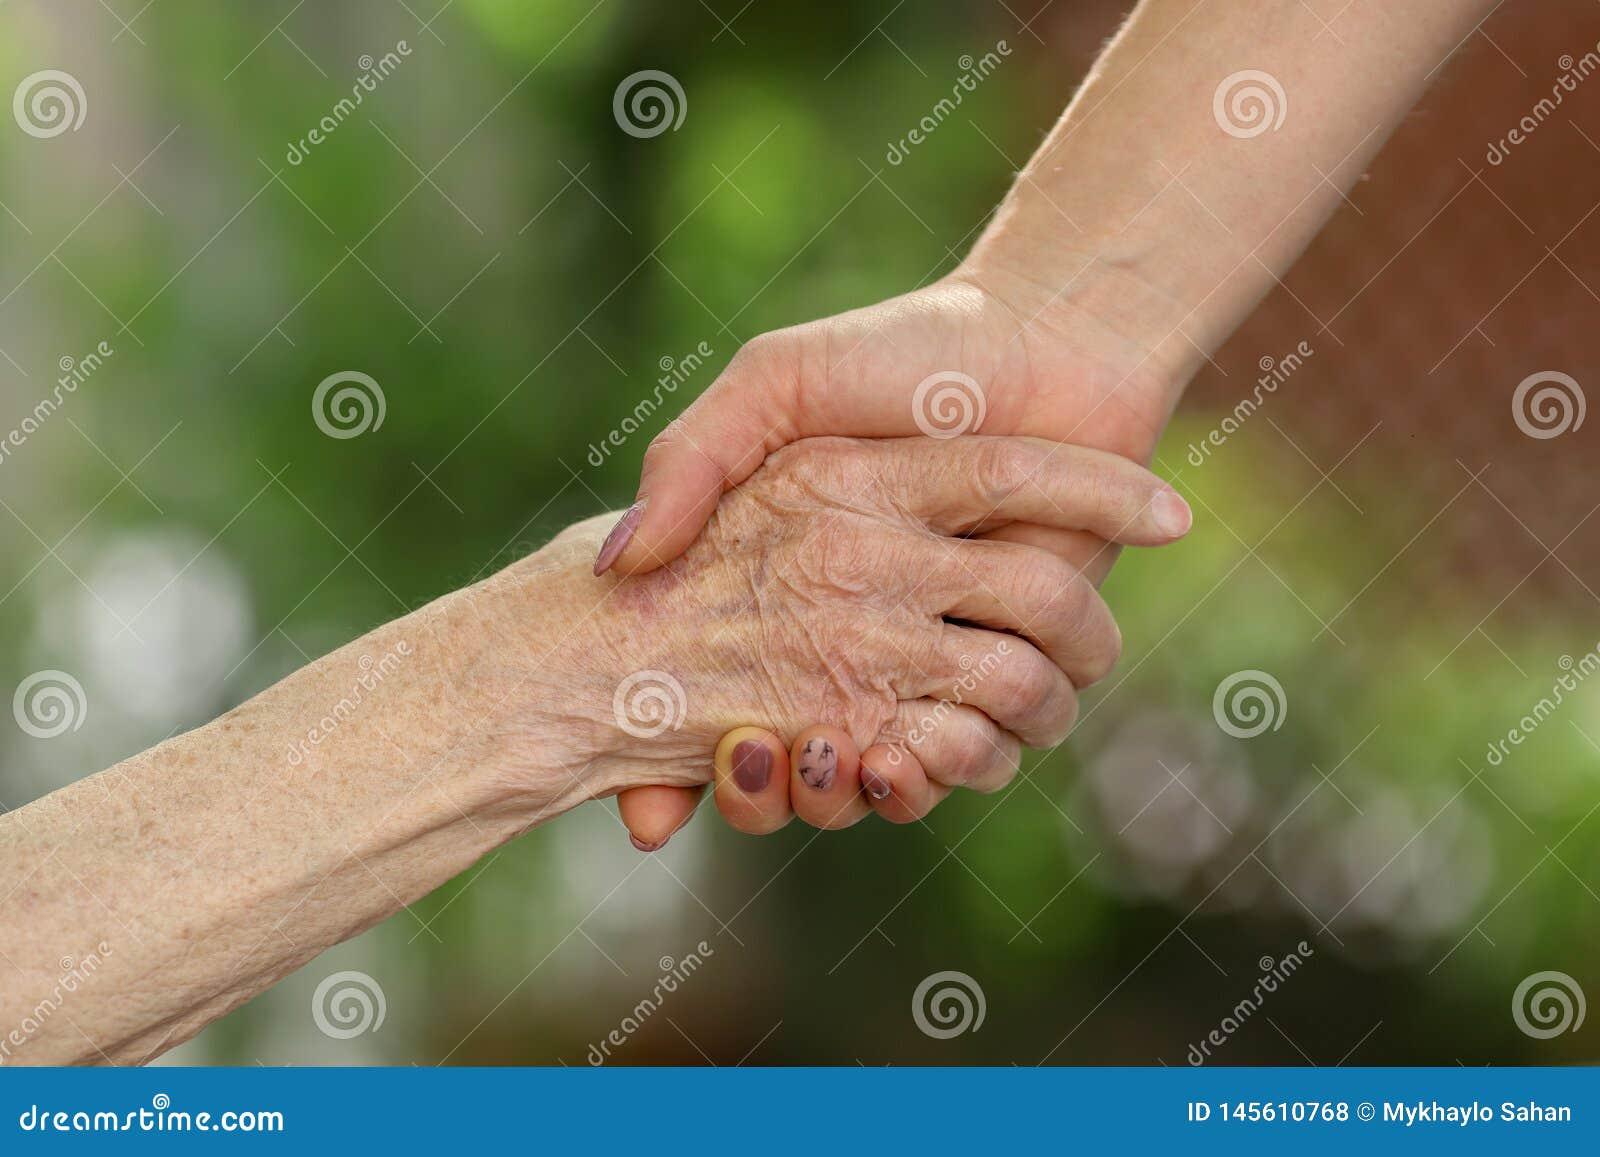 Νέα χέρια πρεσβυτέρων εκμετάλλευσης caregiver Χέρια βοηθείας, προσοχή για την ηλικιωμένη έννοια